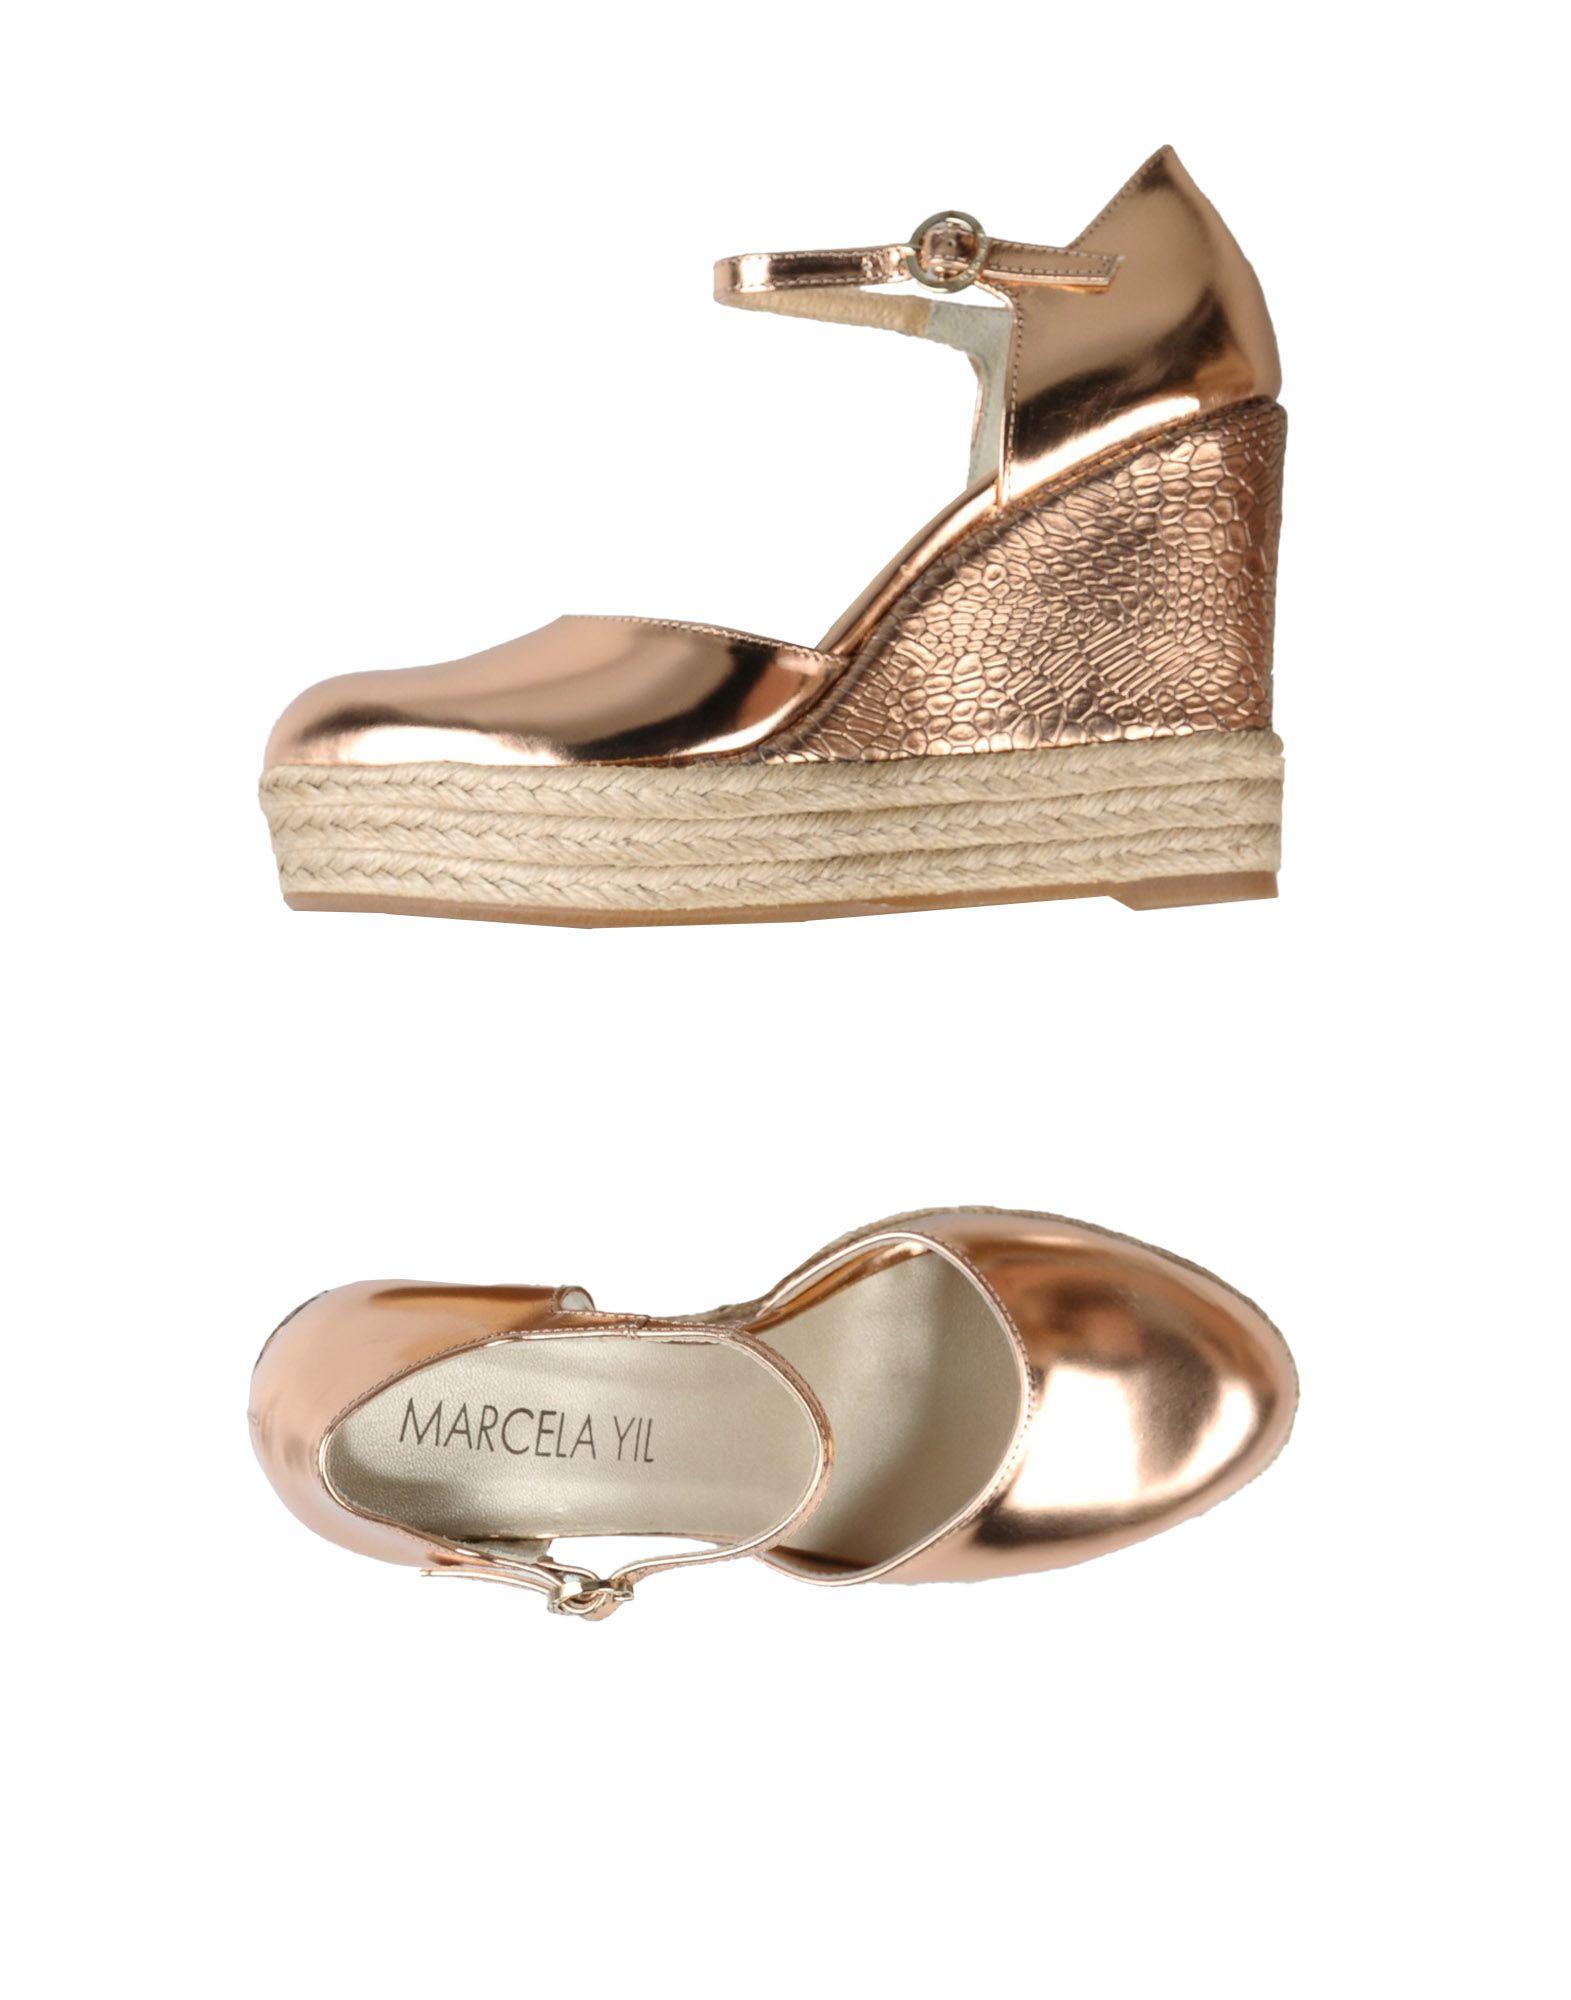 Marcela Yil Espadrilles Damen Gute  11411937FF Gute Damen Qualität beliebte Schuhe de540d